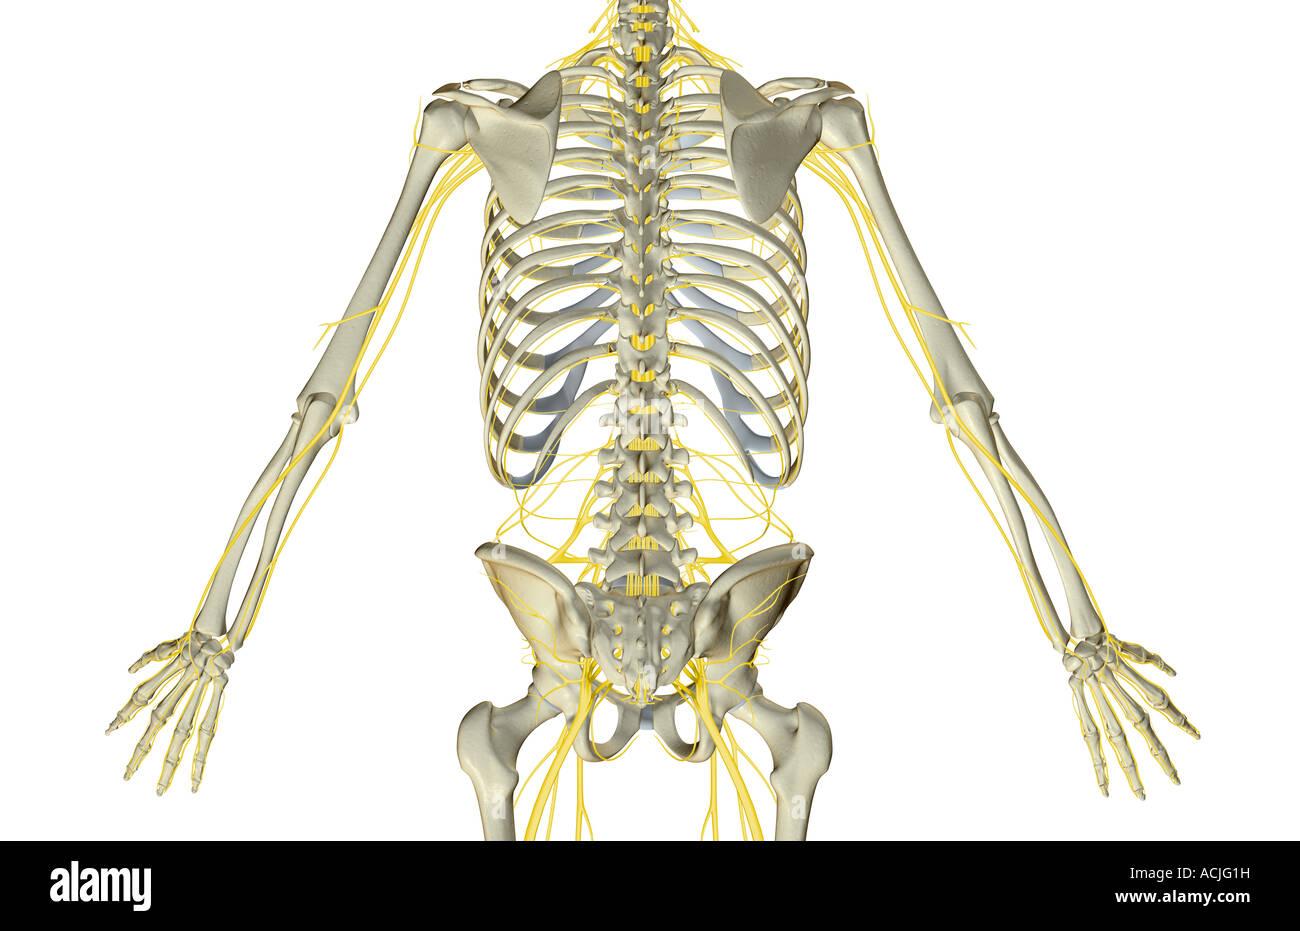 Die Nerven des Rumpfes Stockfoto, Bild: 13170316 - Alamy